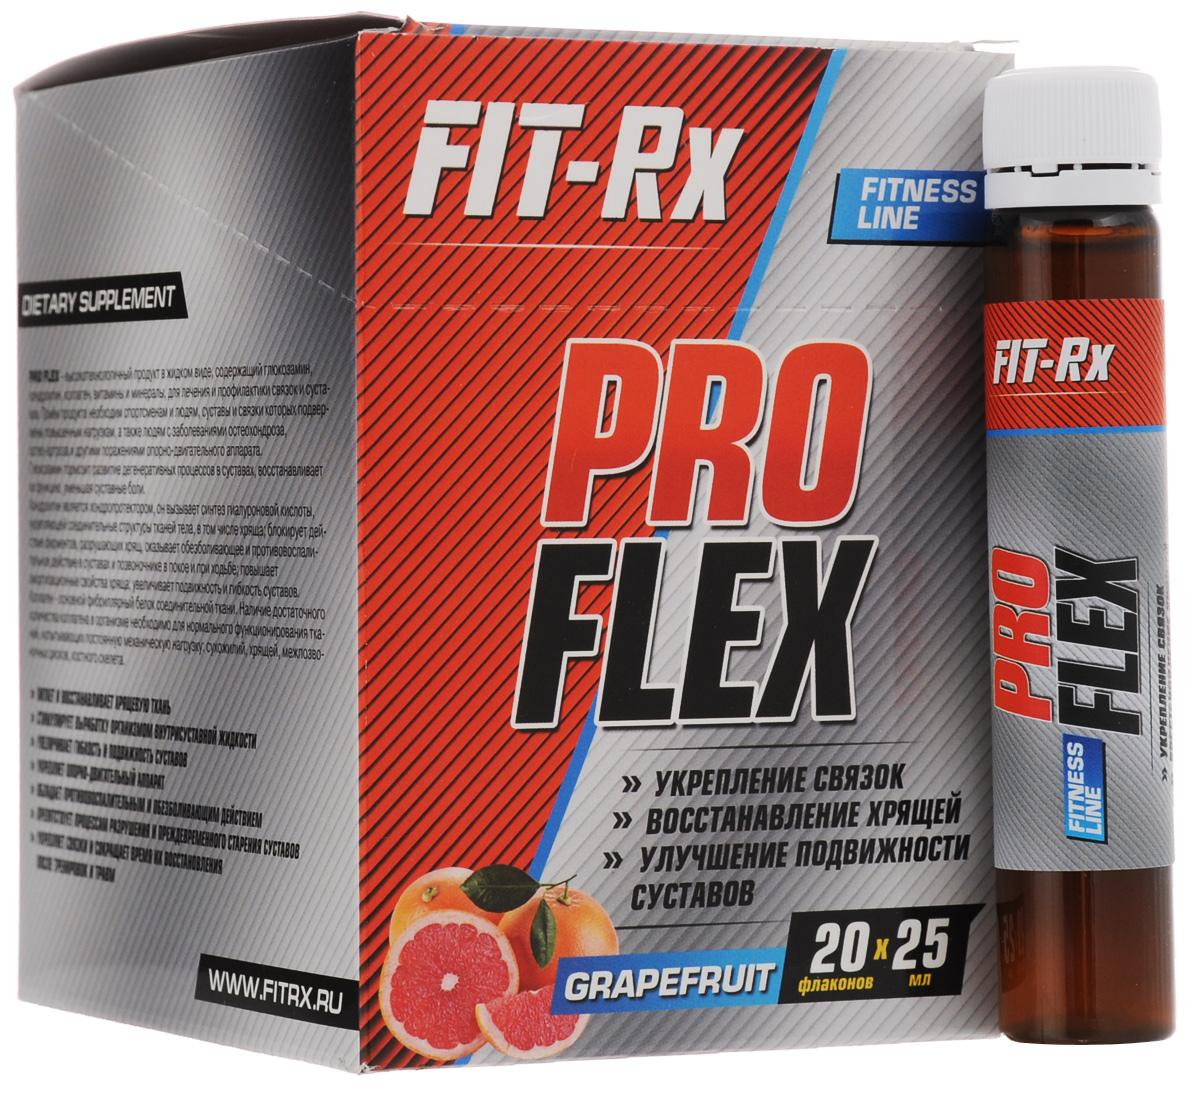 Препарат для суставов и связок FIT-RX